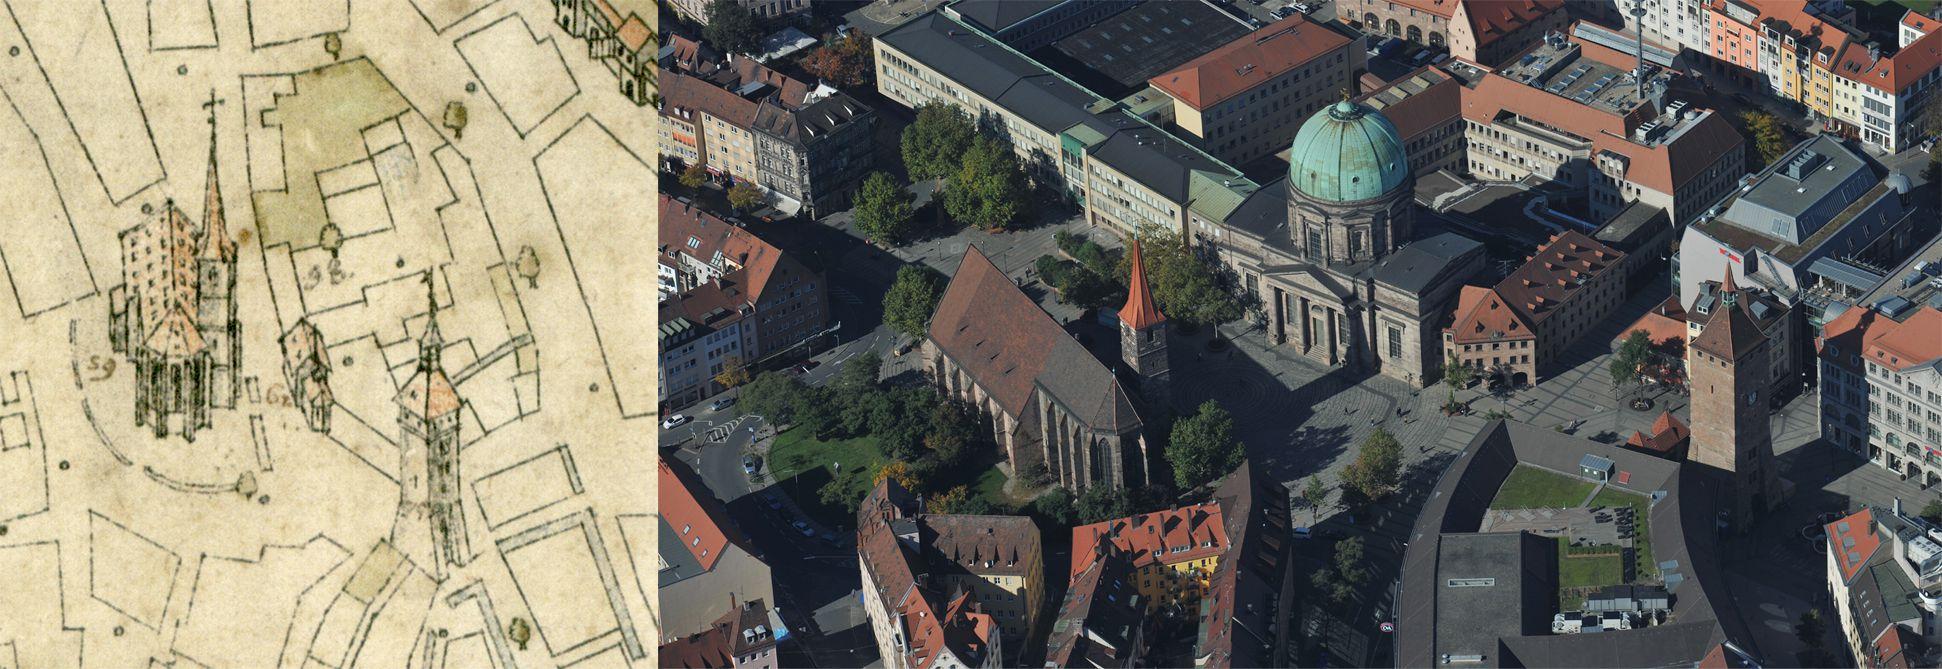 Steilaufsicht von Osten Gegenüberstellung Bien und Luftfoto (von rechts nach links Weißer Turm, Elisabeths- und Jakobskirche